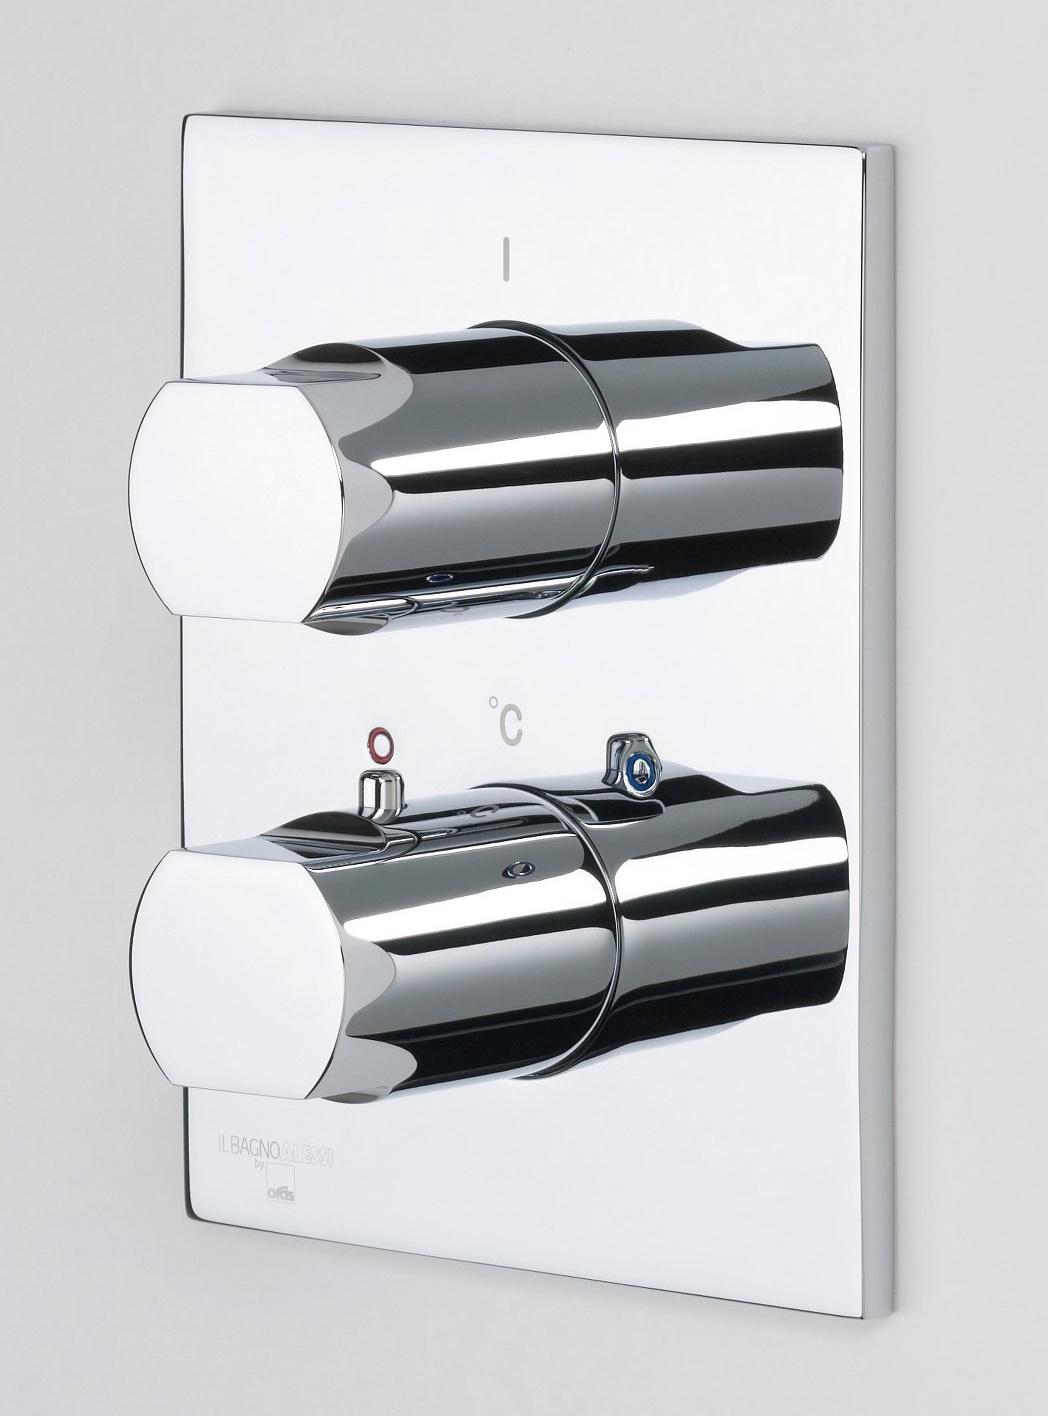 Oras Alessi One - sprchová termostatická podomítková baterie, nadomítková část 8577